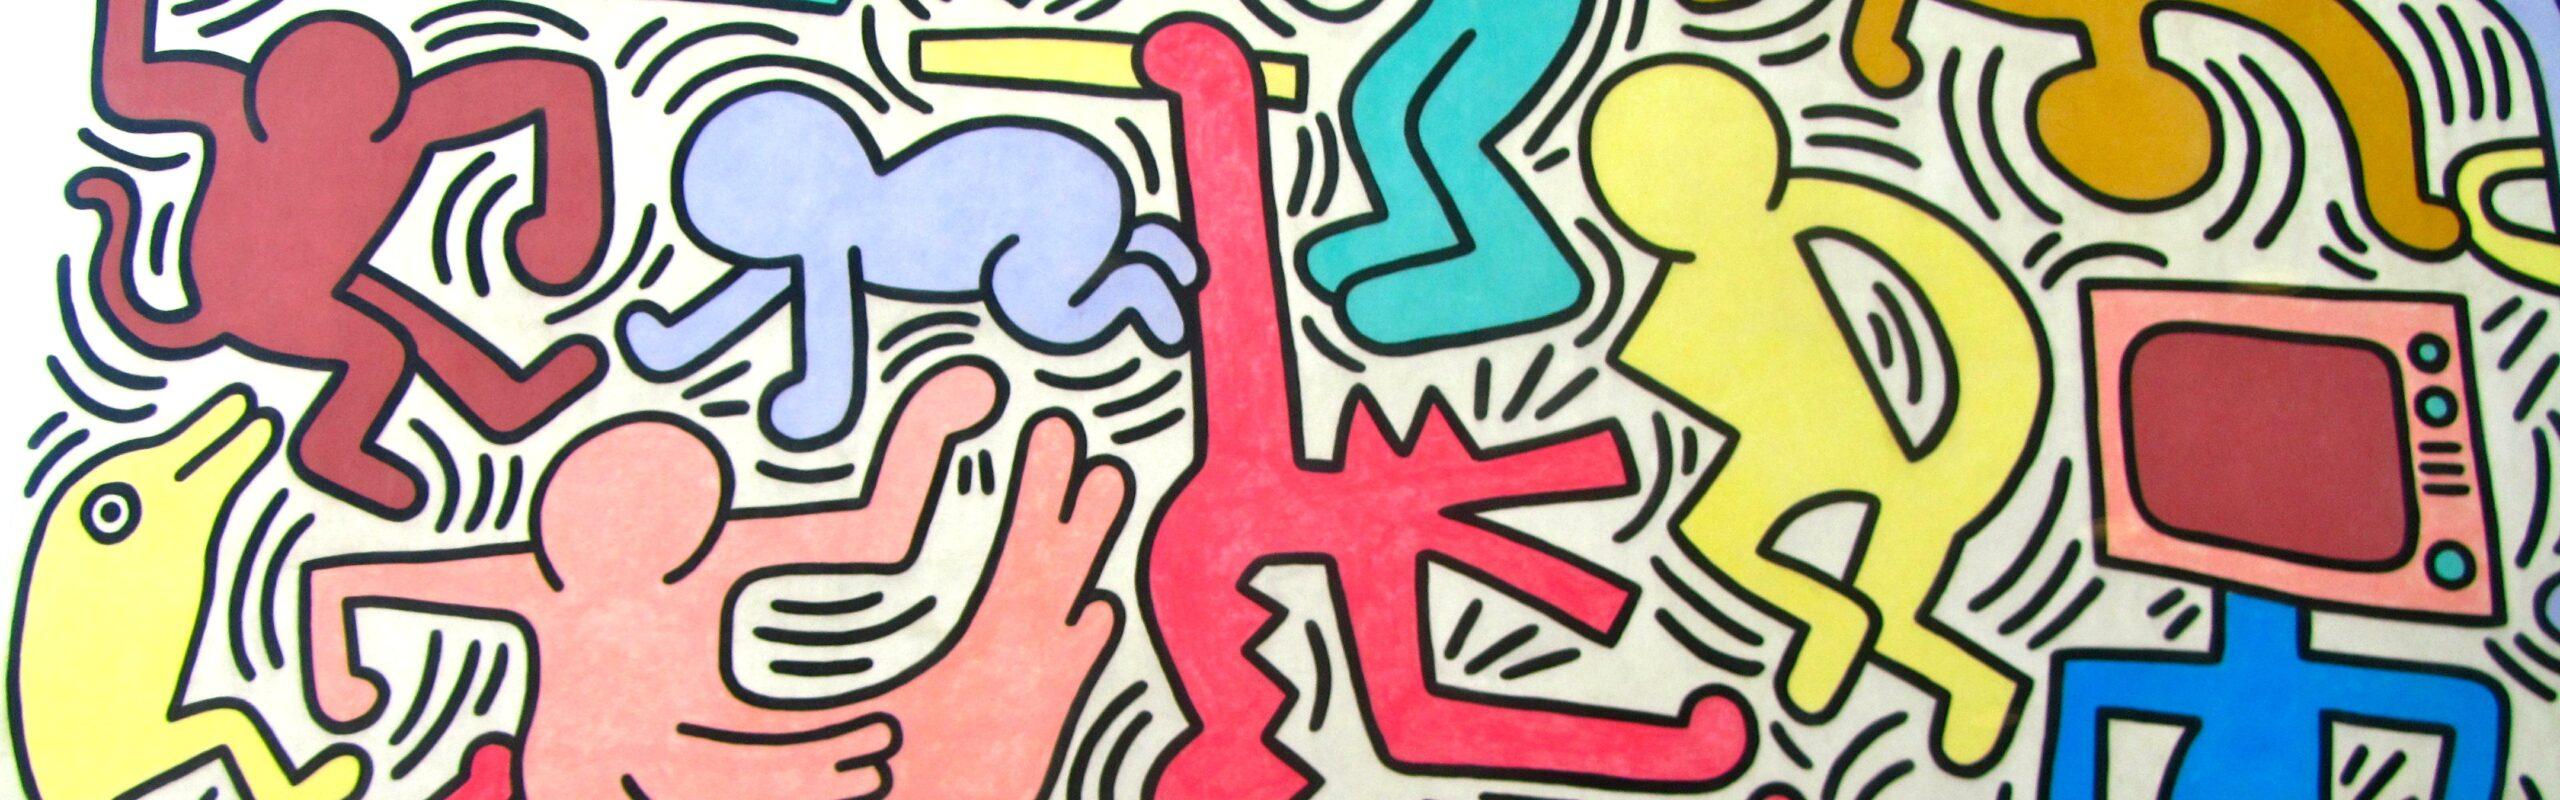 Tuttomondo di Keith Haring a Pisa: la mostra a Palazzo Blu e il murales